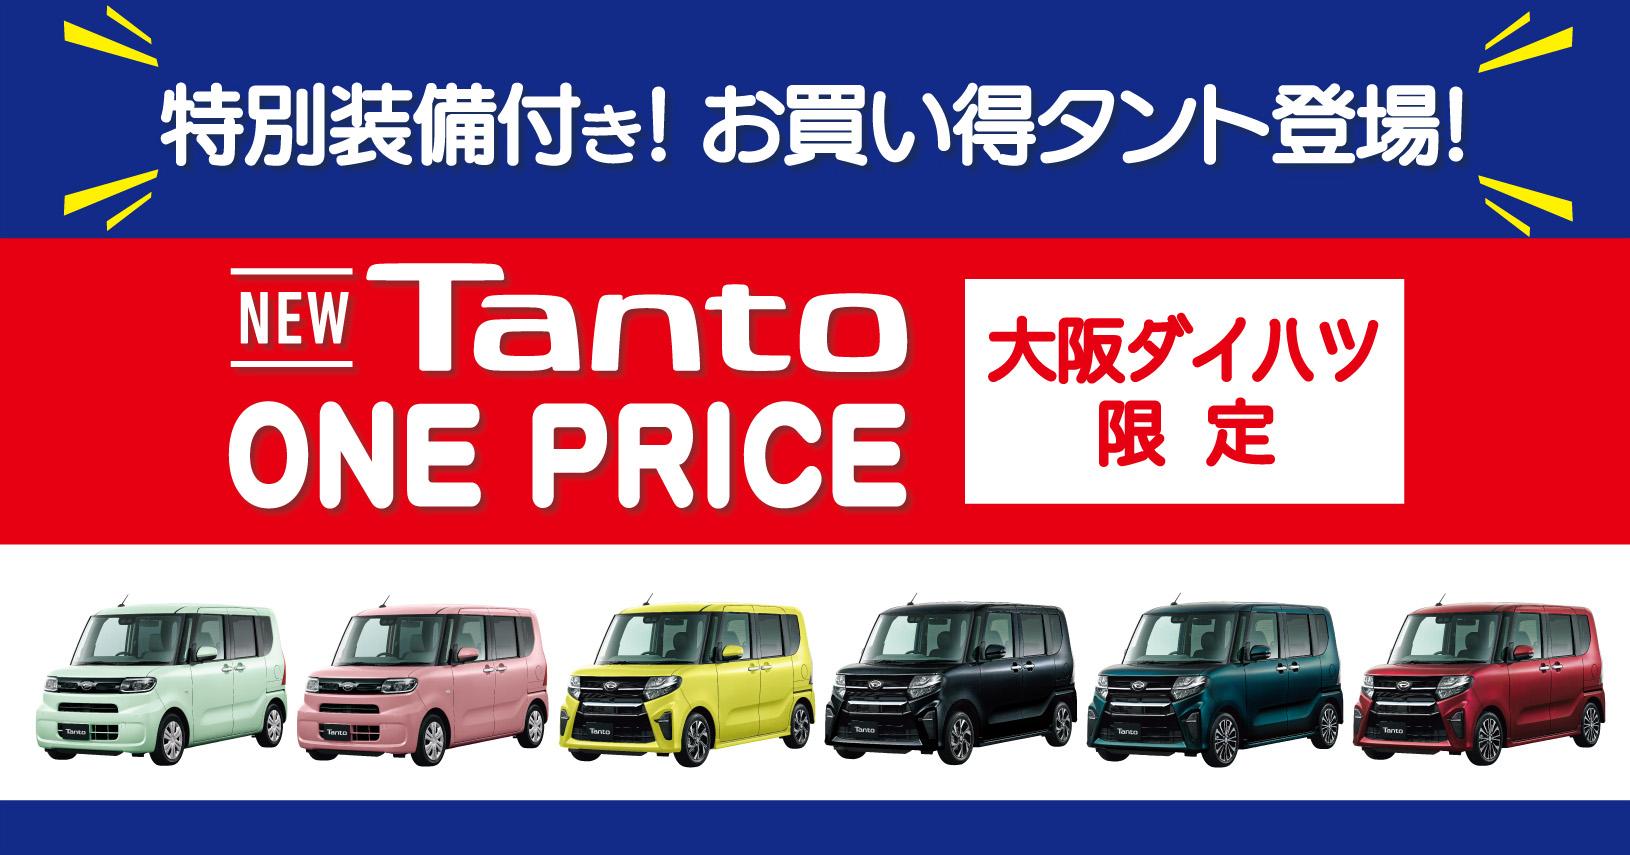 大阪ダイハツ限定!!「新型タントONE PRICE」